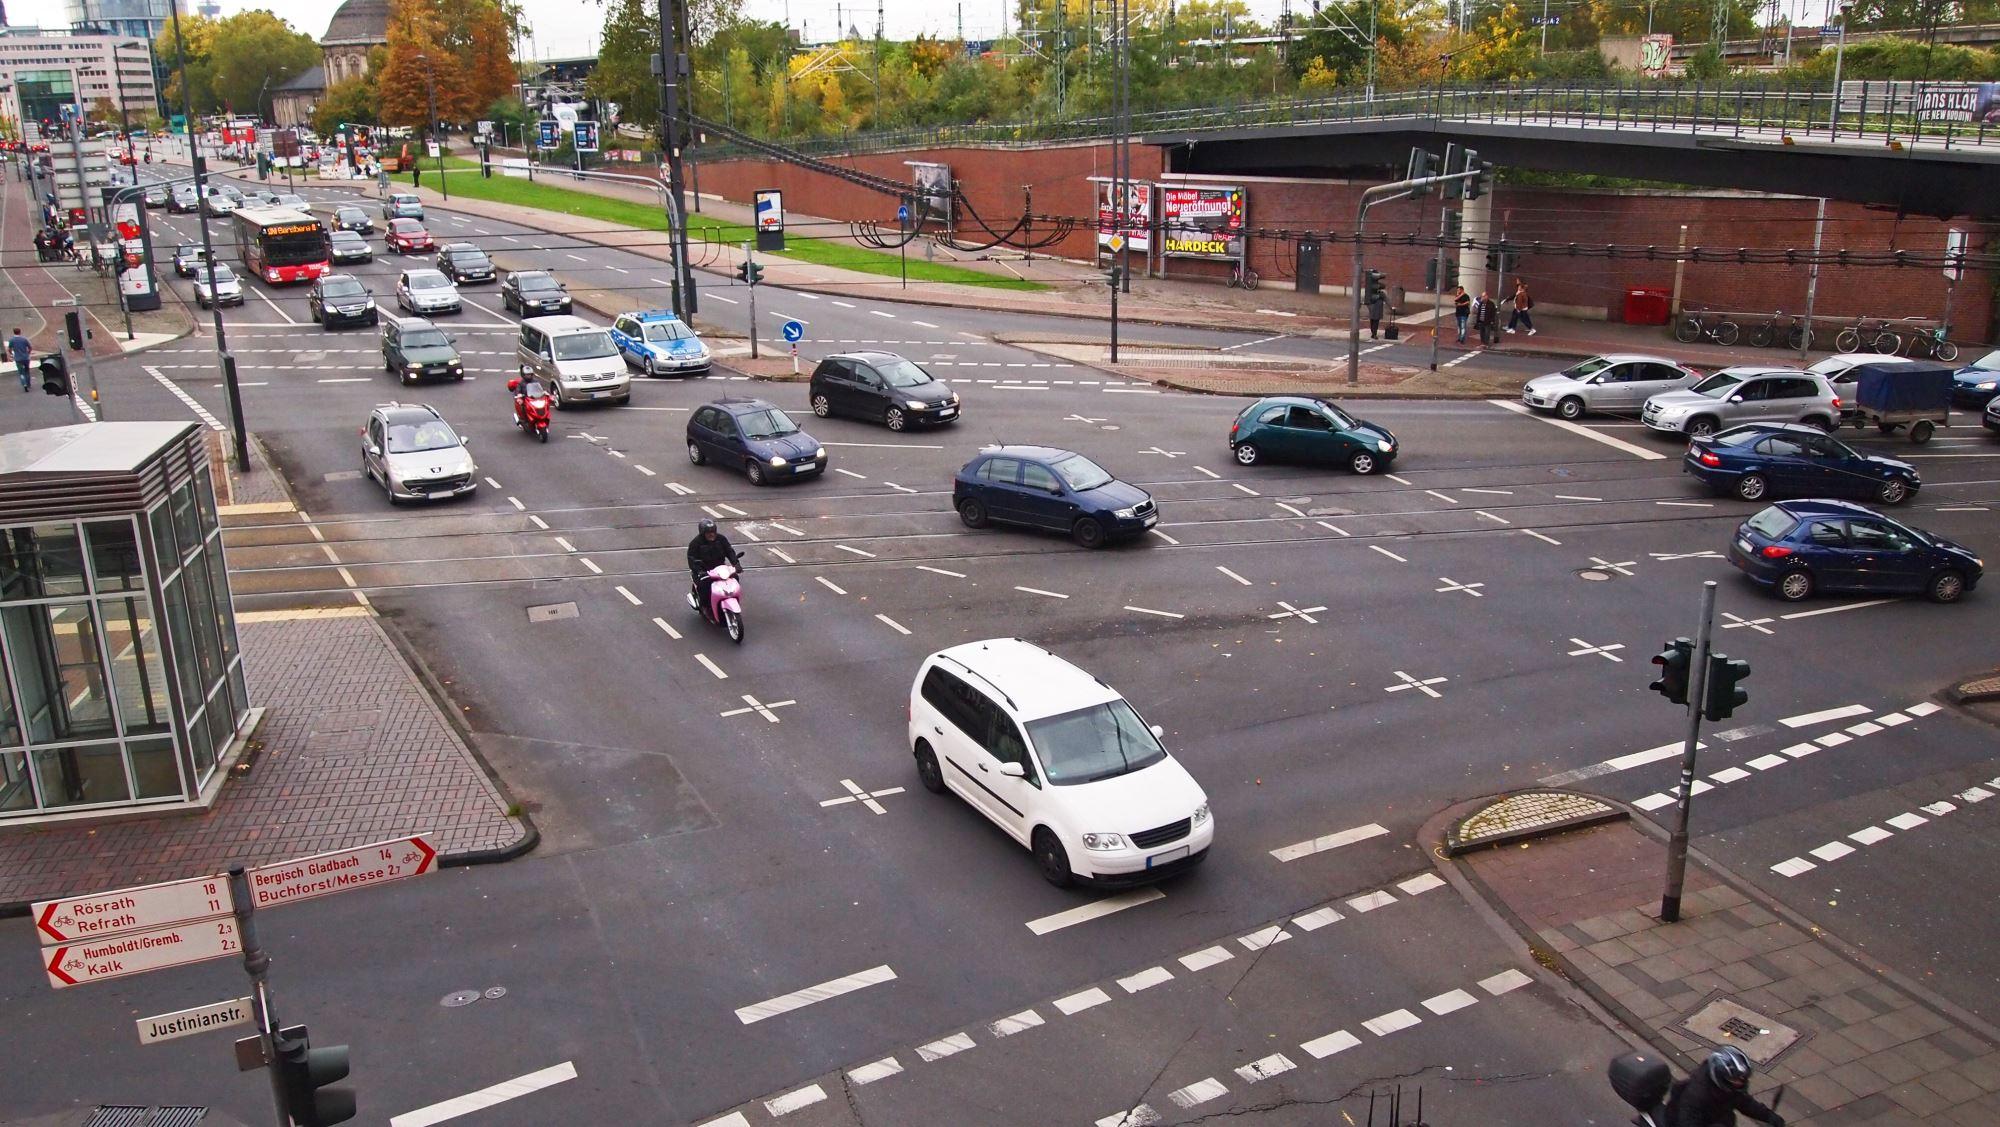 Rückstau: Kreuzung muss immer frei bleiben (Foto: TÜV Rheinland)